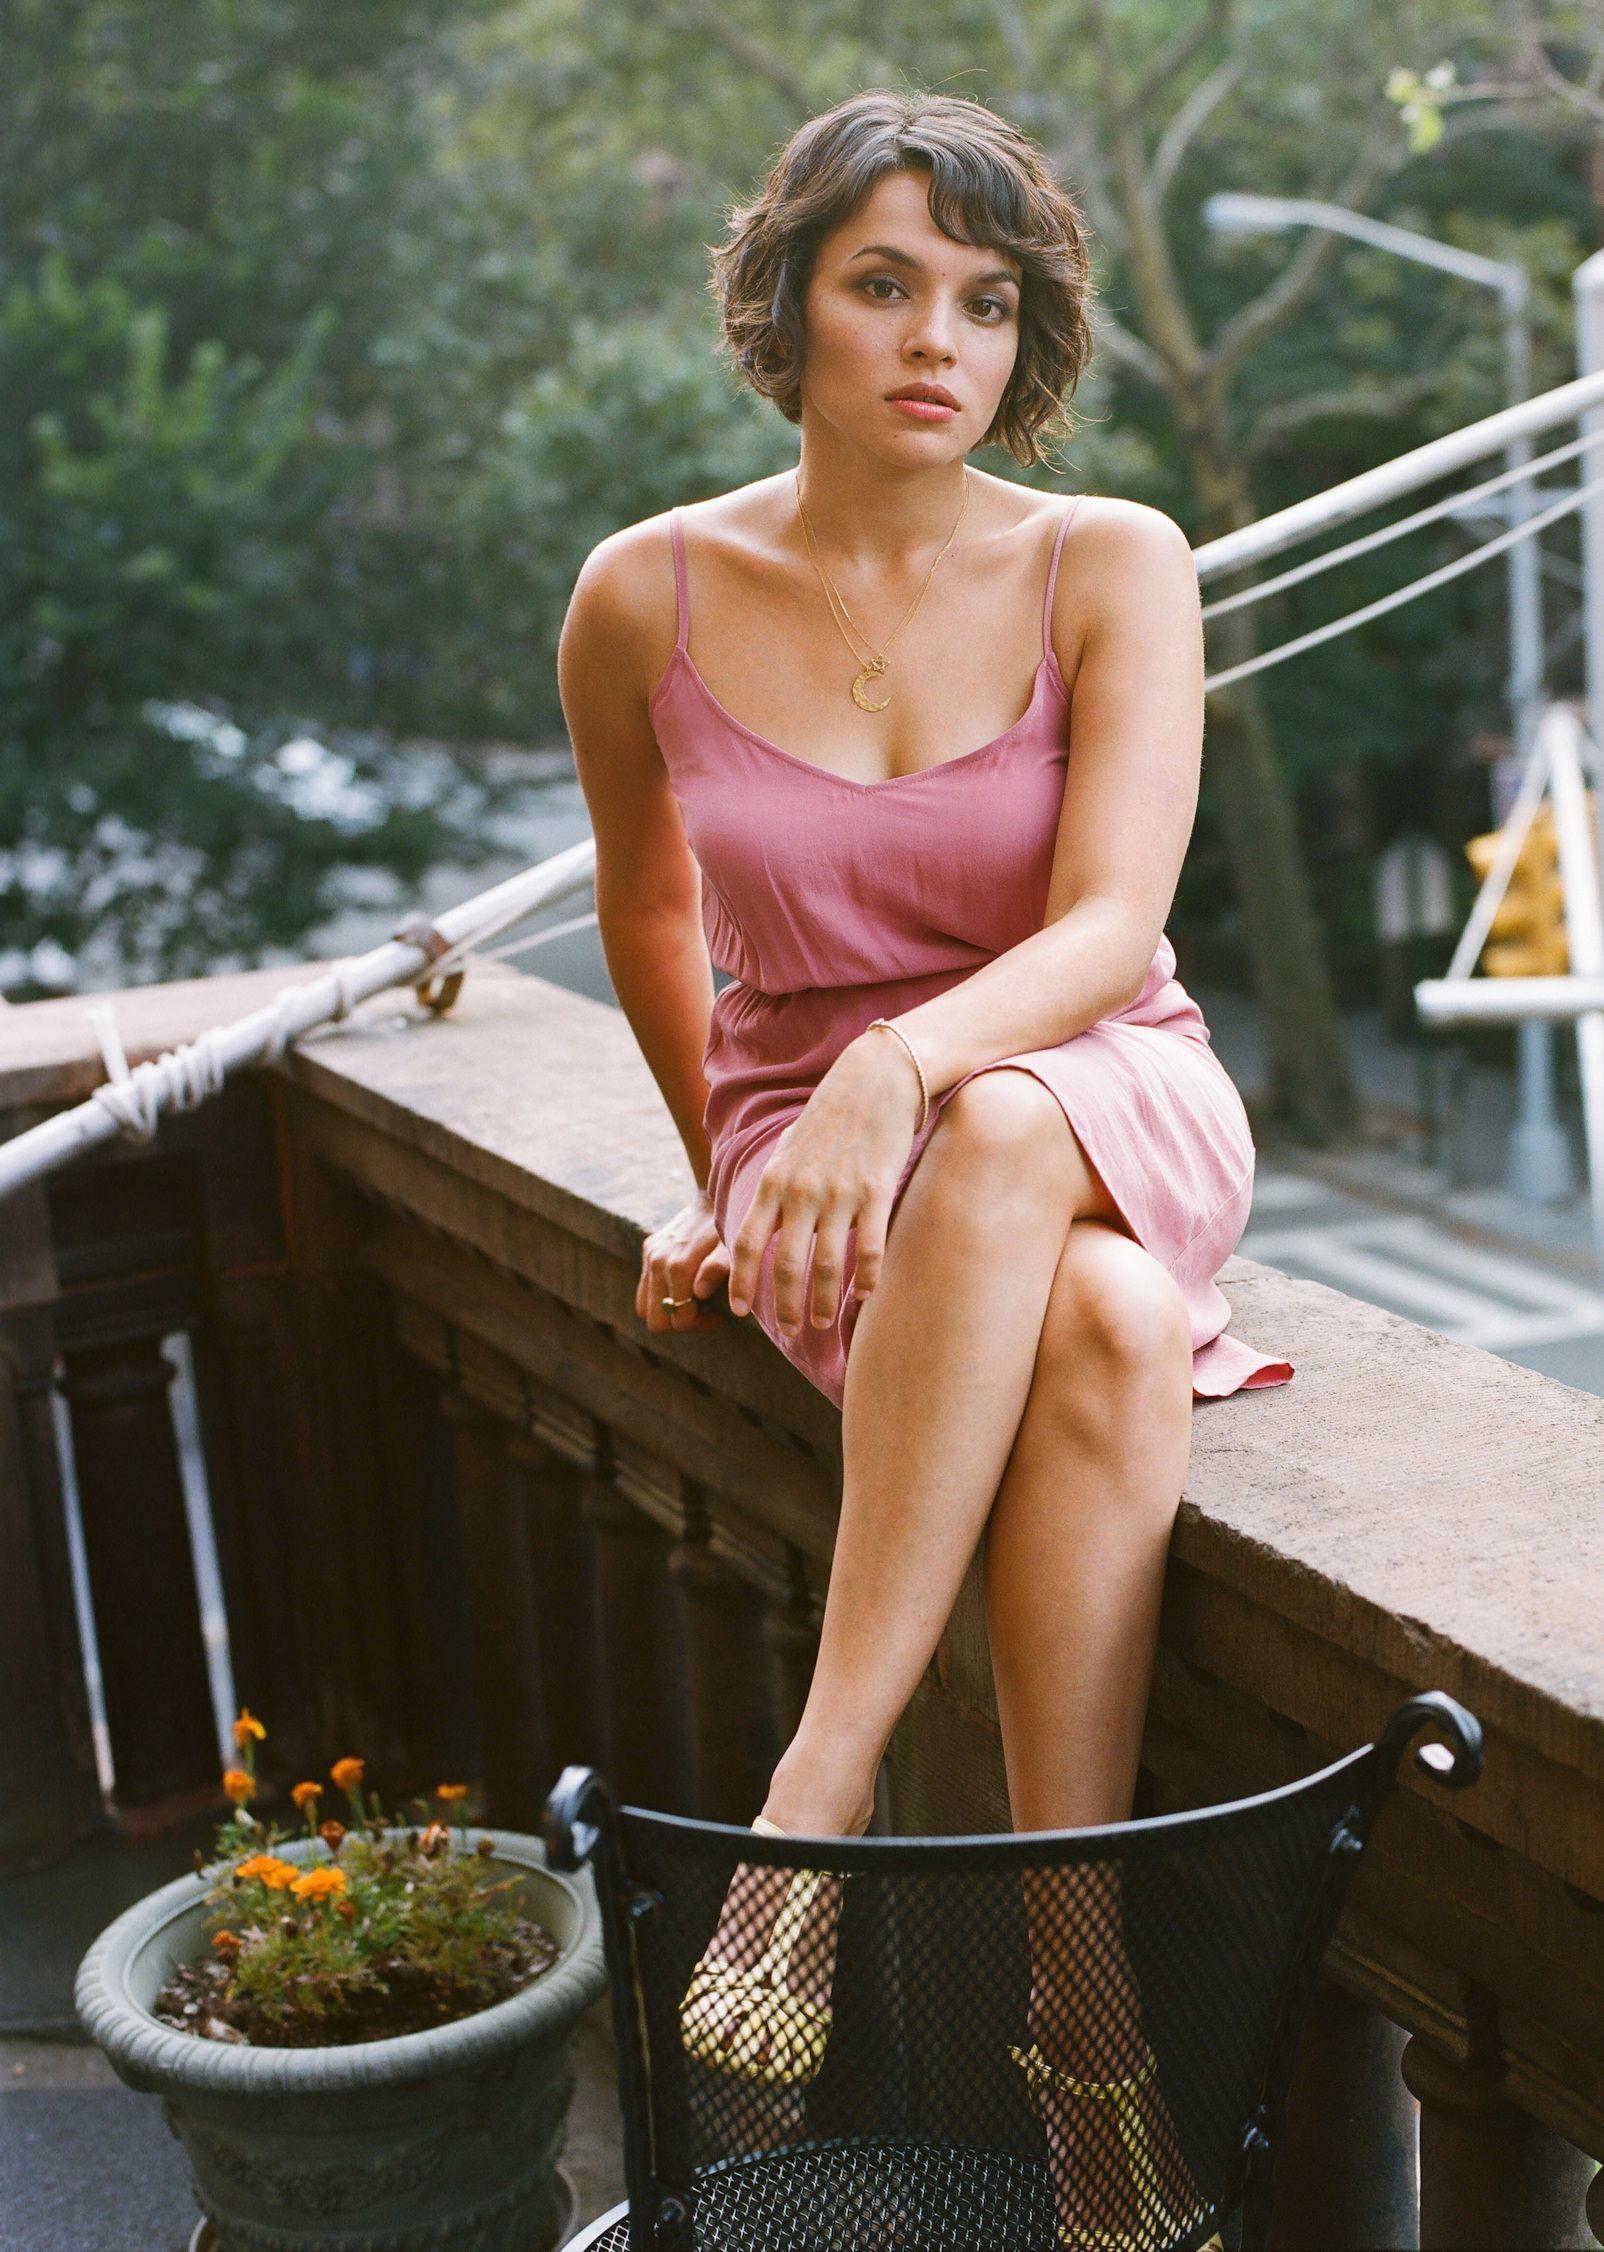 Norah Jones | Norah jones, Diana krall, Jones